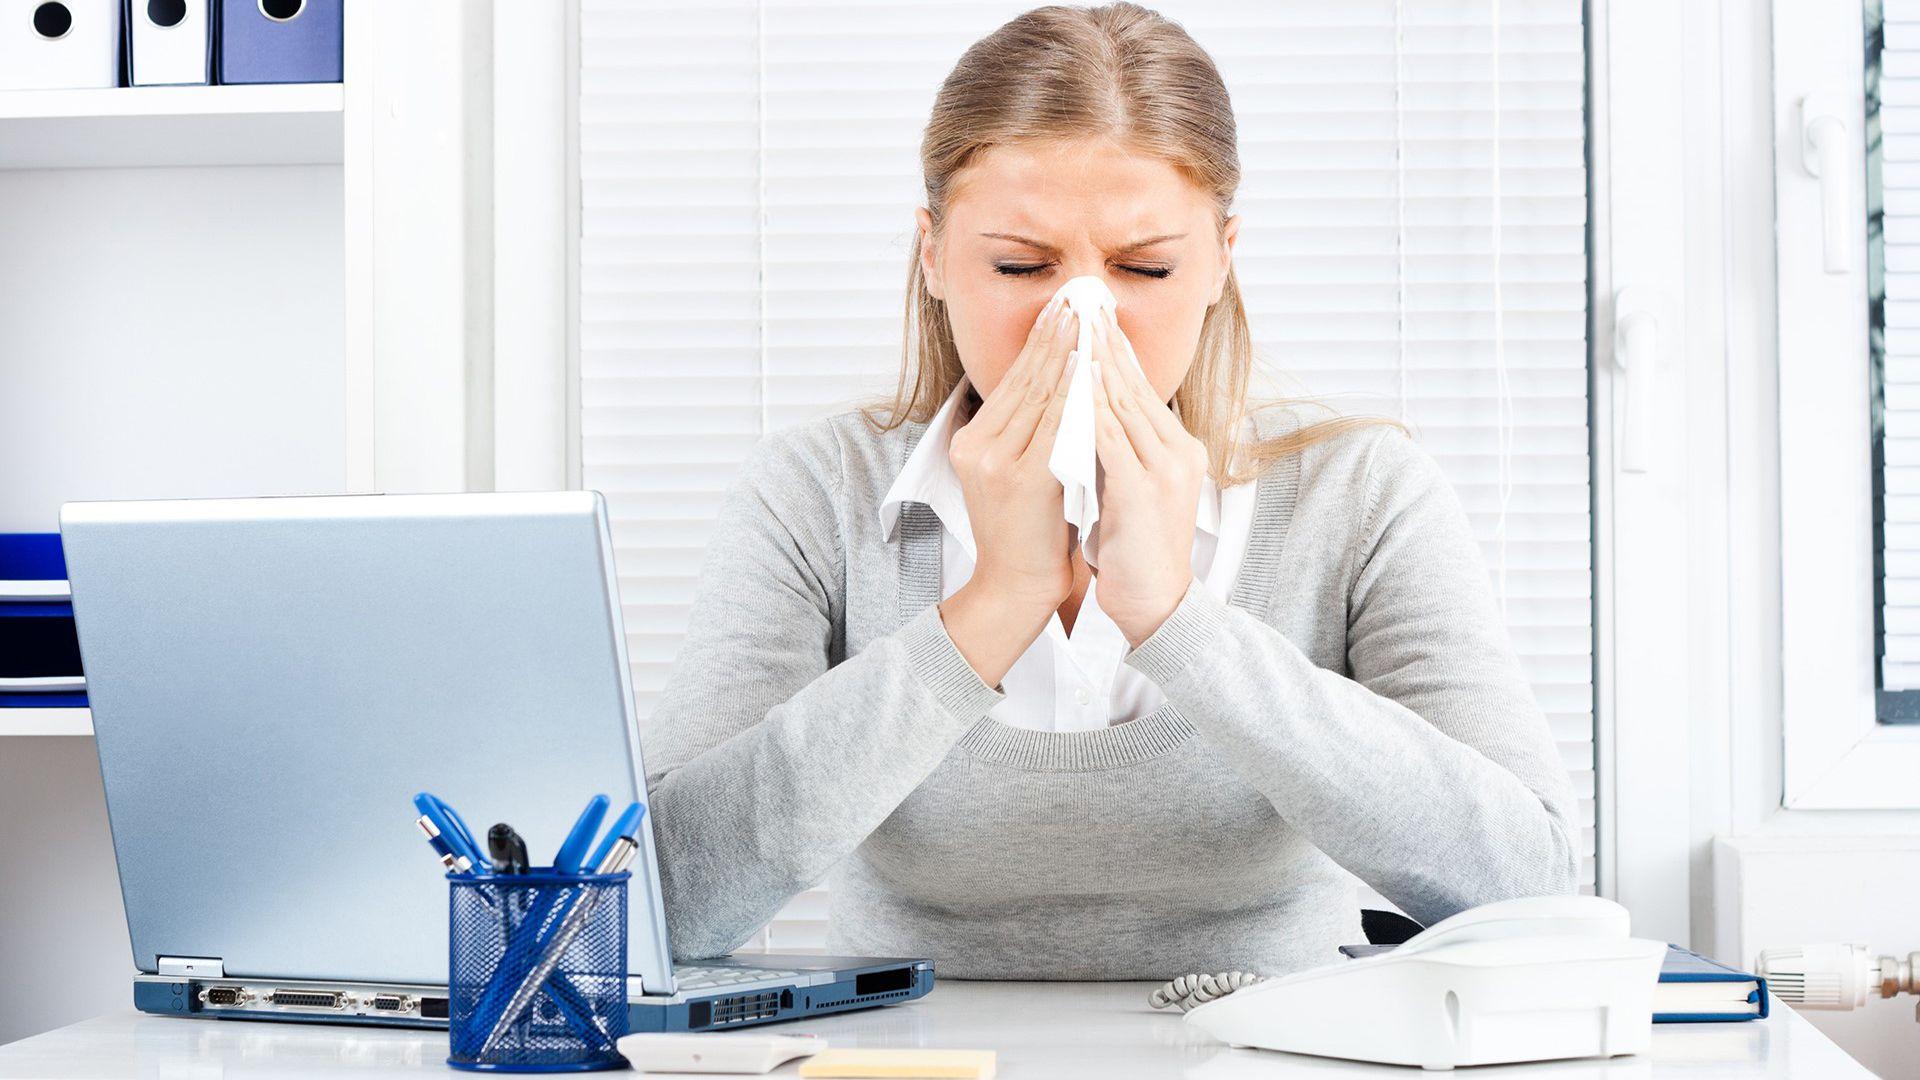 El entorno laboral suele convertirse en foco de propagación y contagio de distintos virus. En esta temporada invernal, las enfermedades respiratorias, como la gripe, se vuelven moneda corriente